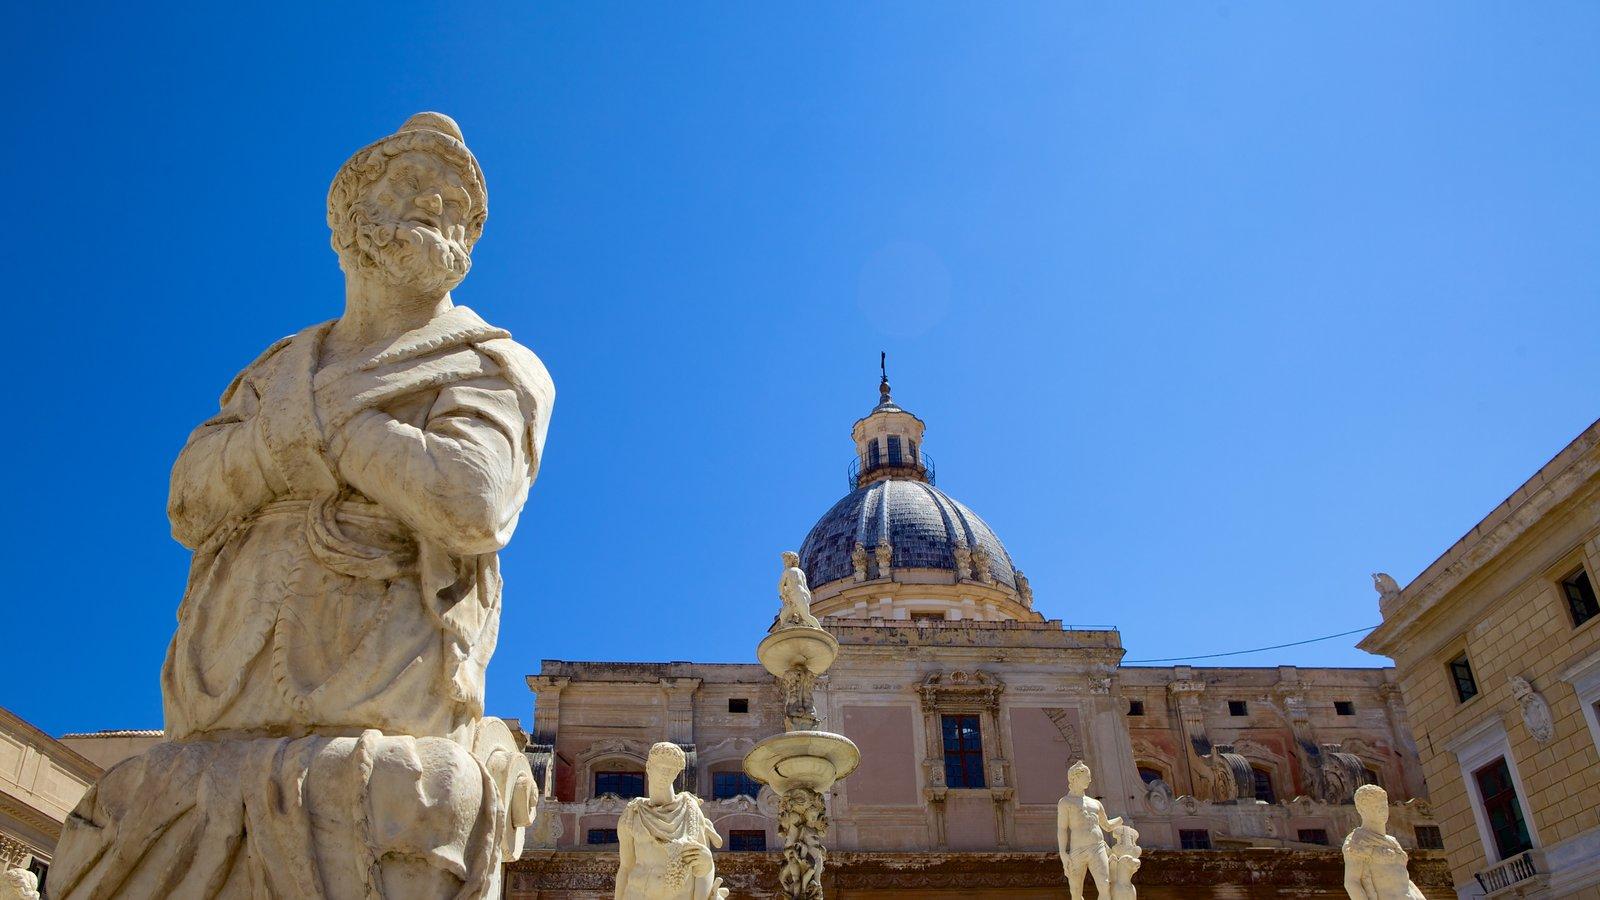 Via Maqueda mostrando elementos de patrimônio, uma estátua ou escultura e arquitetura de patrimônio